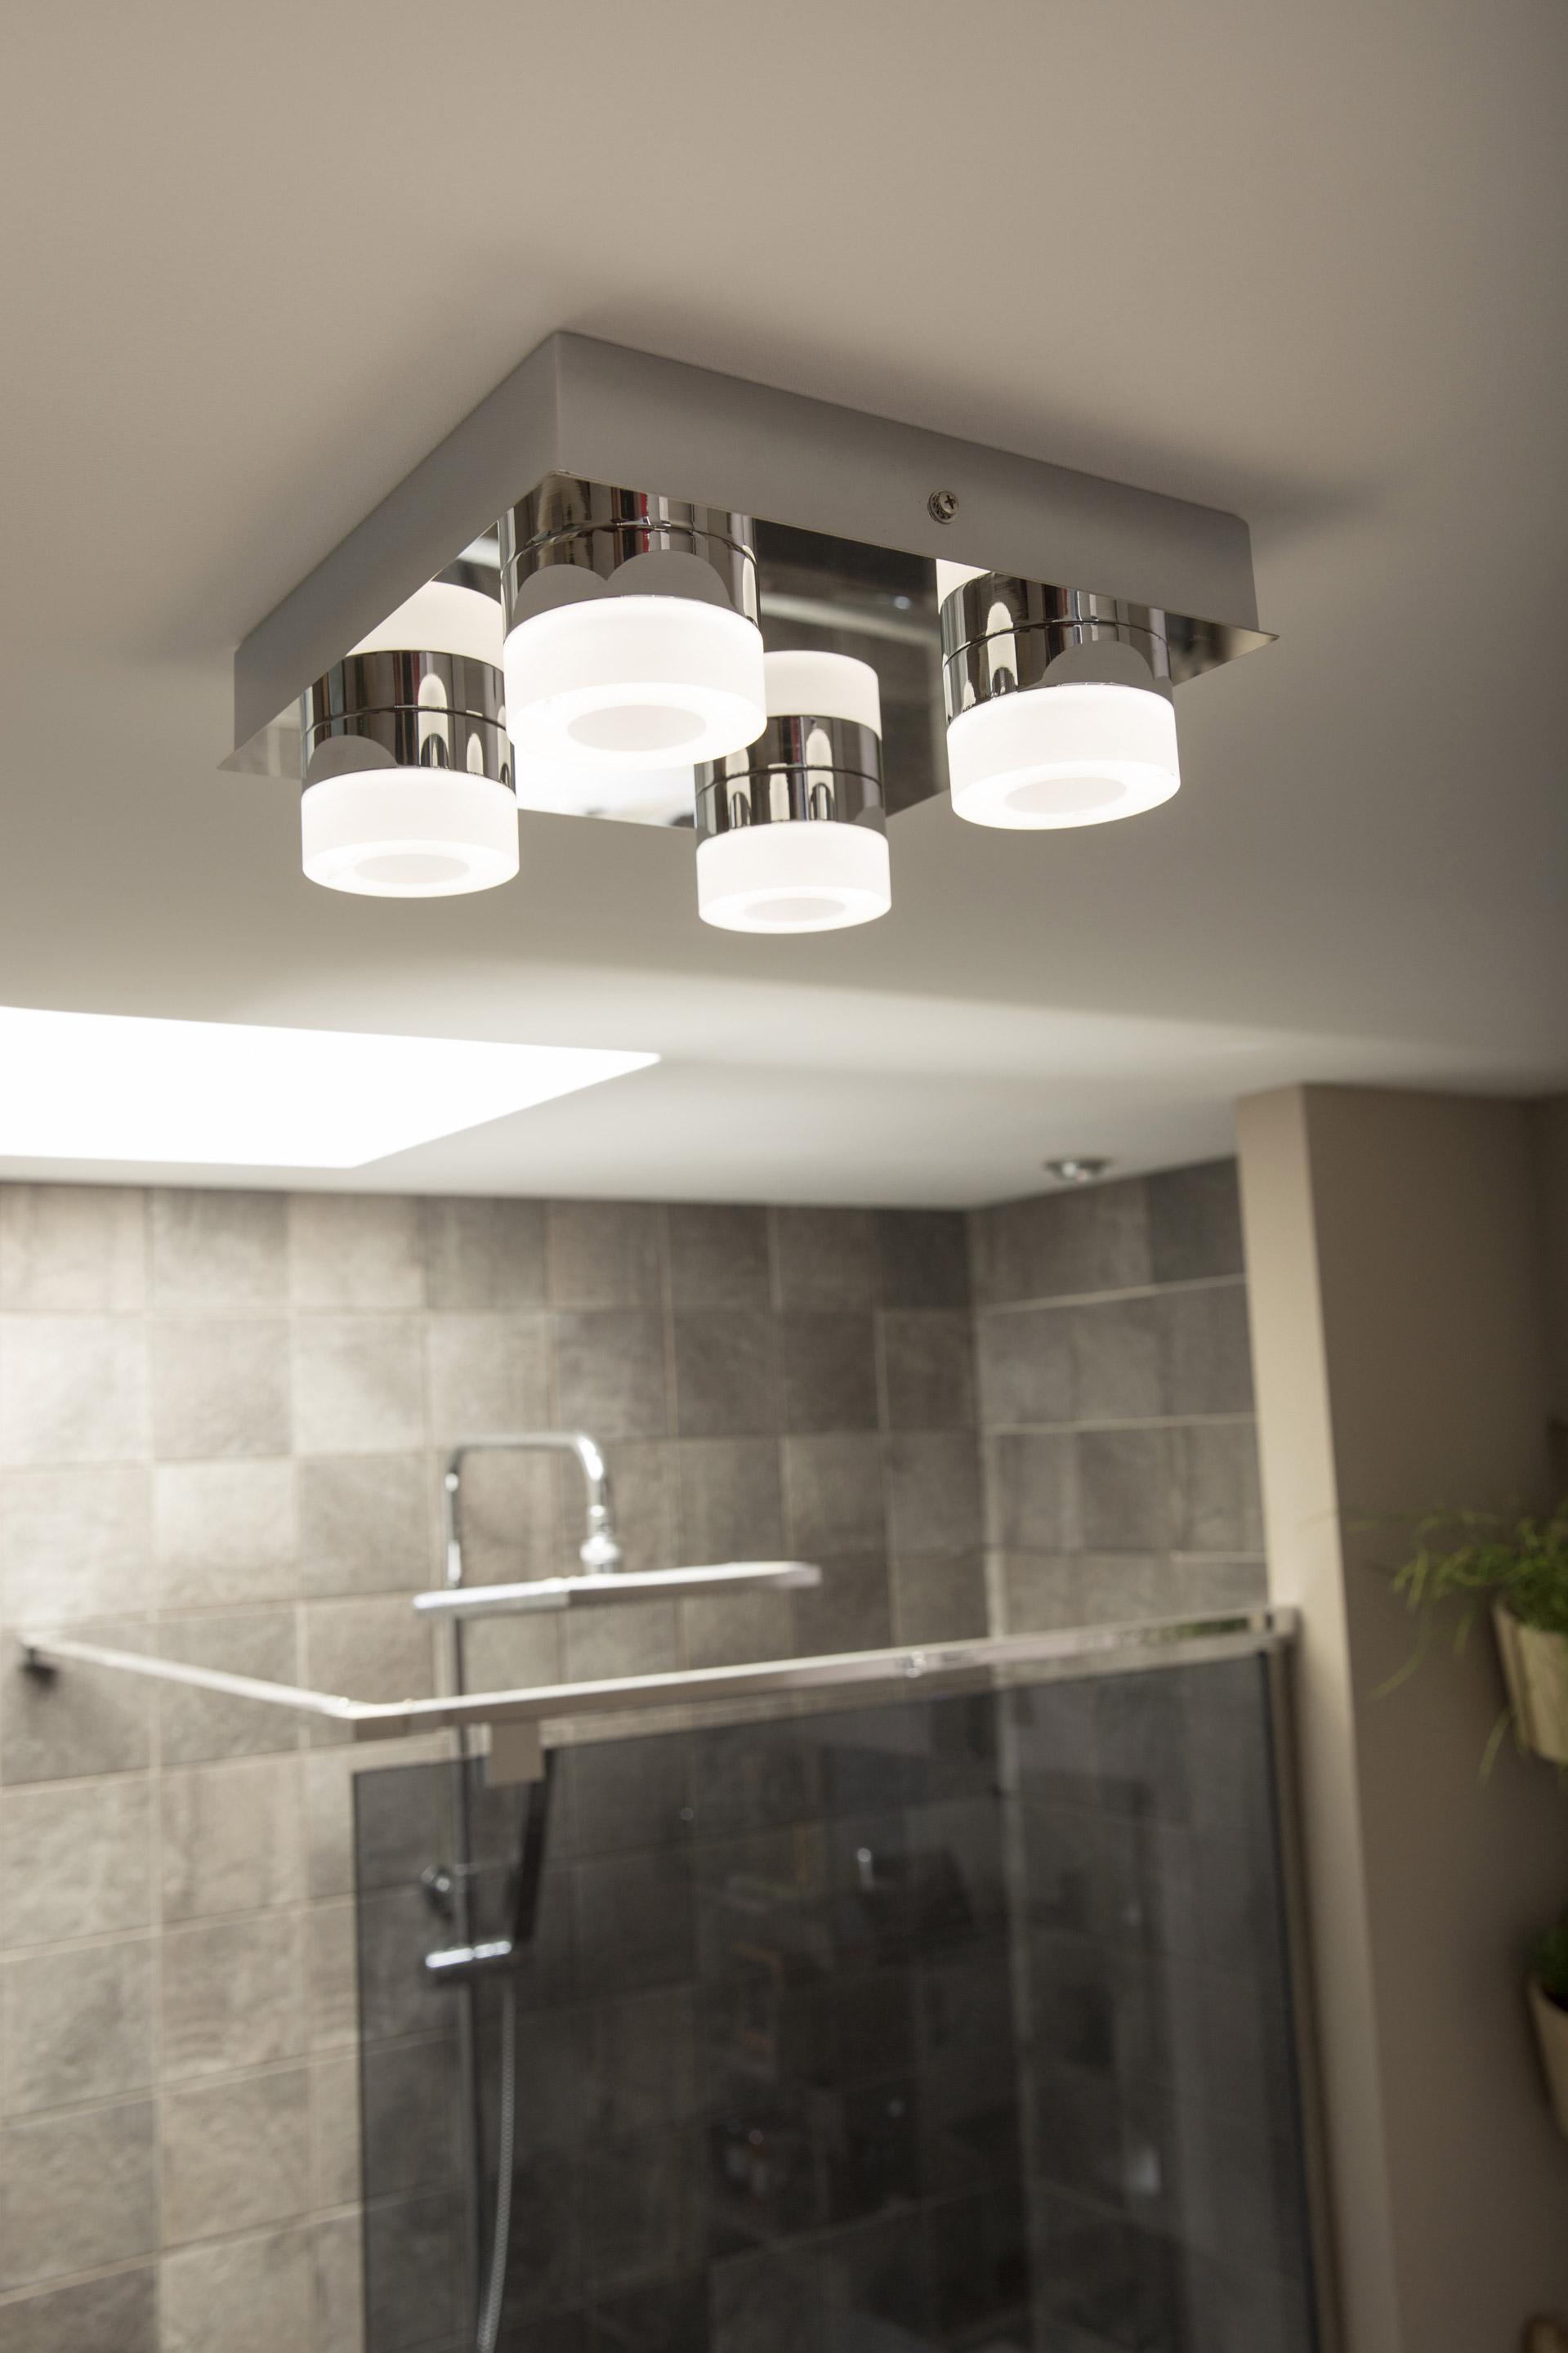 Plafonnier 4 spots, design aluminium gris led intégrée INSPIRE